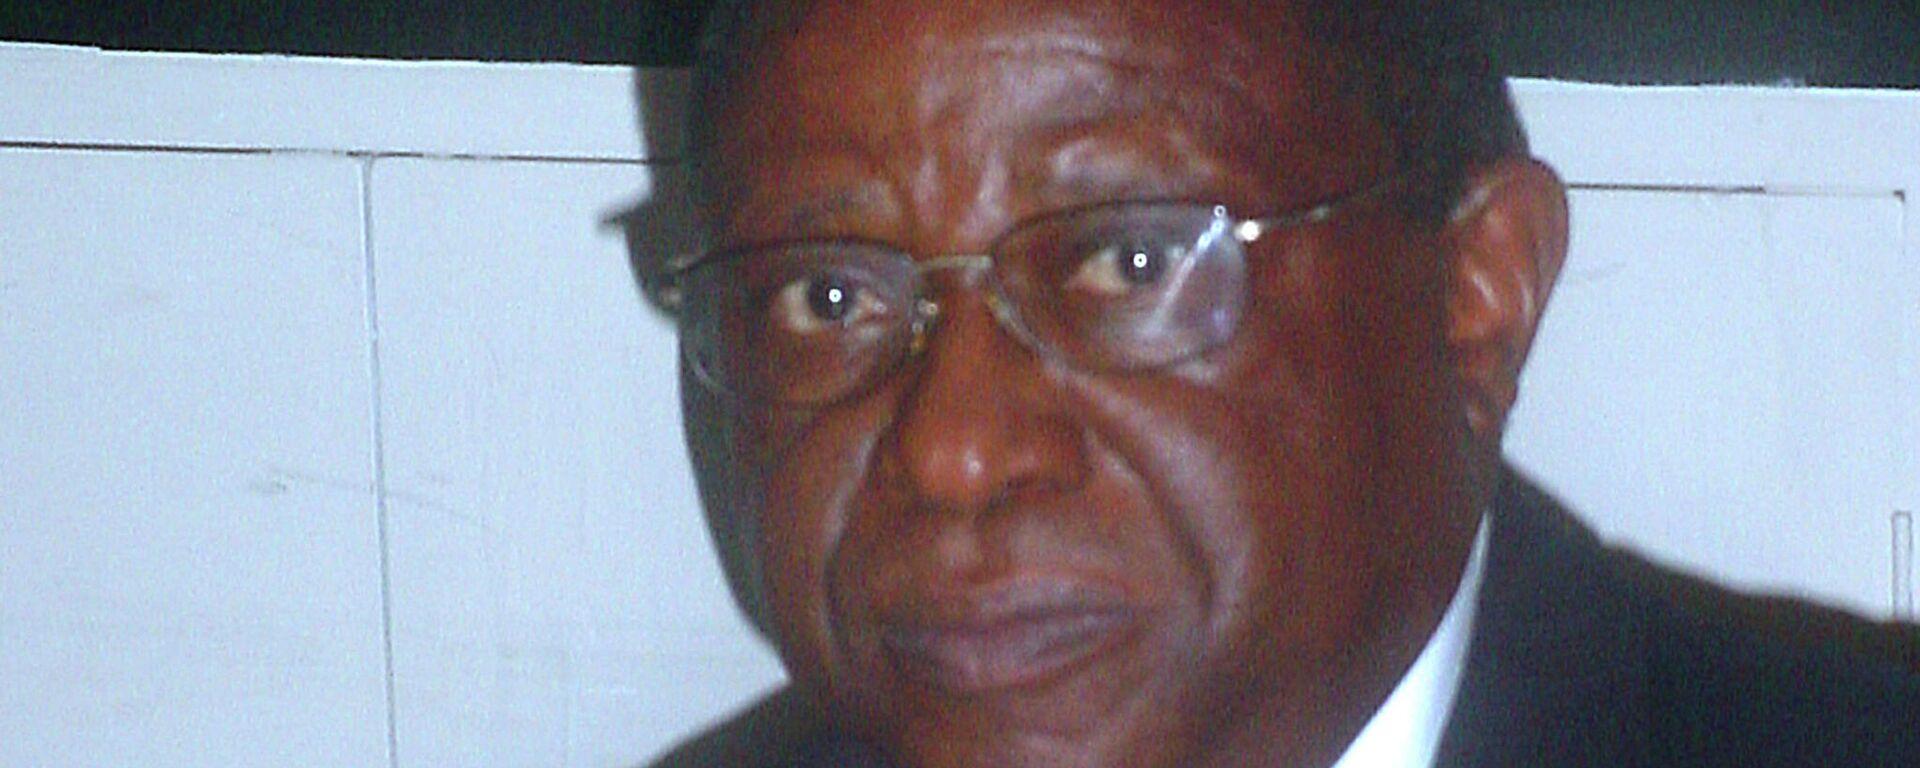 Theoneste Bagosora, ehemaliger für Völkermord verantwortlicher Oberst aus Ruanda - SNA, 1920, 26.09.2021